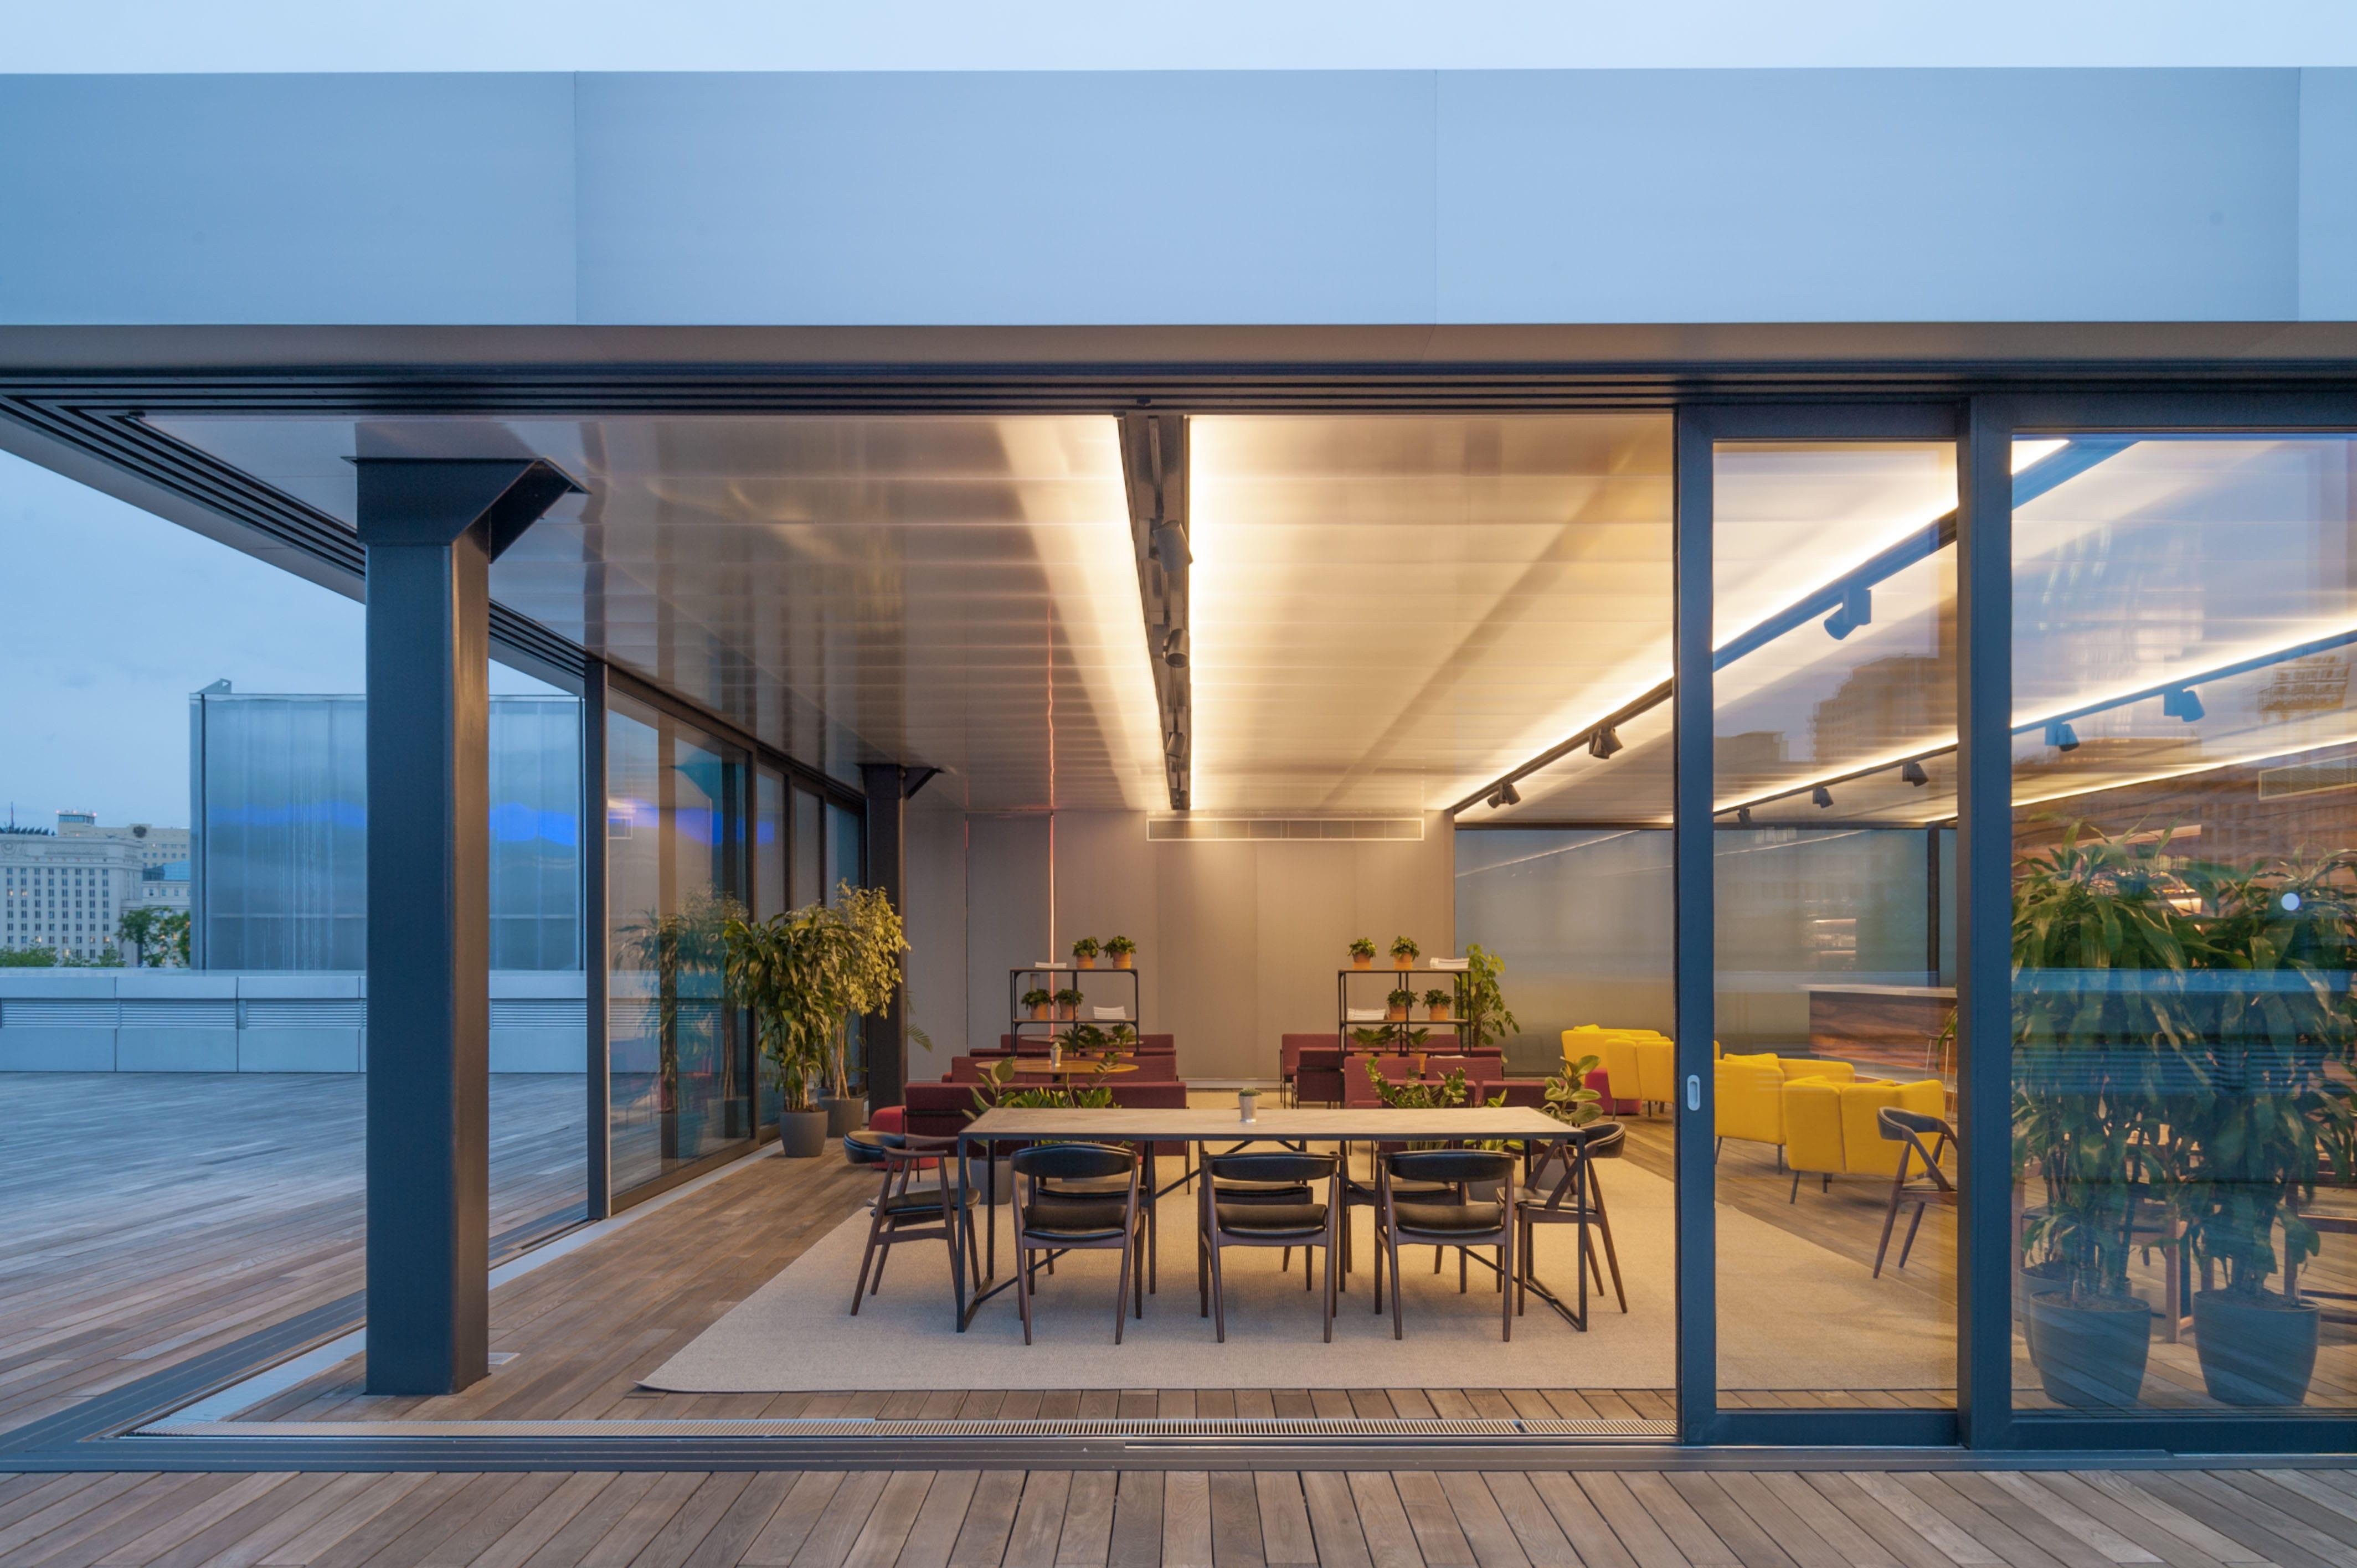 Garage Roof Pavilion